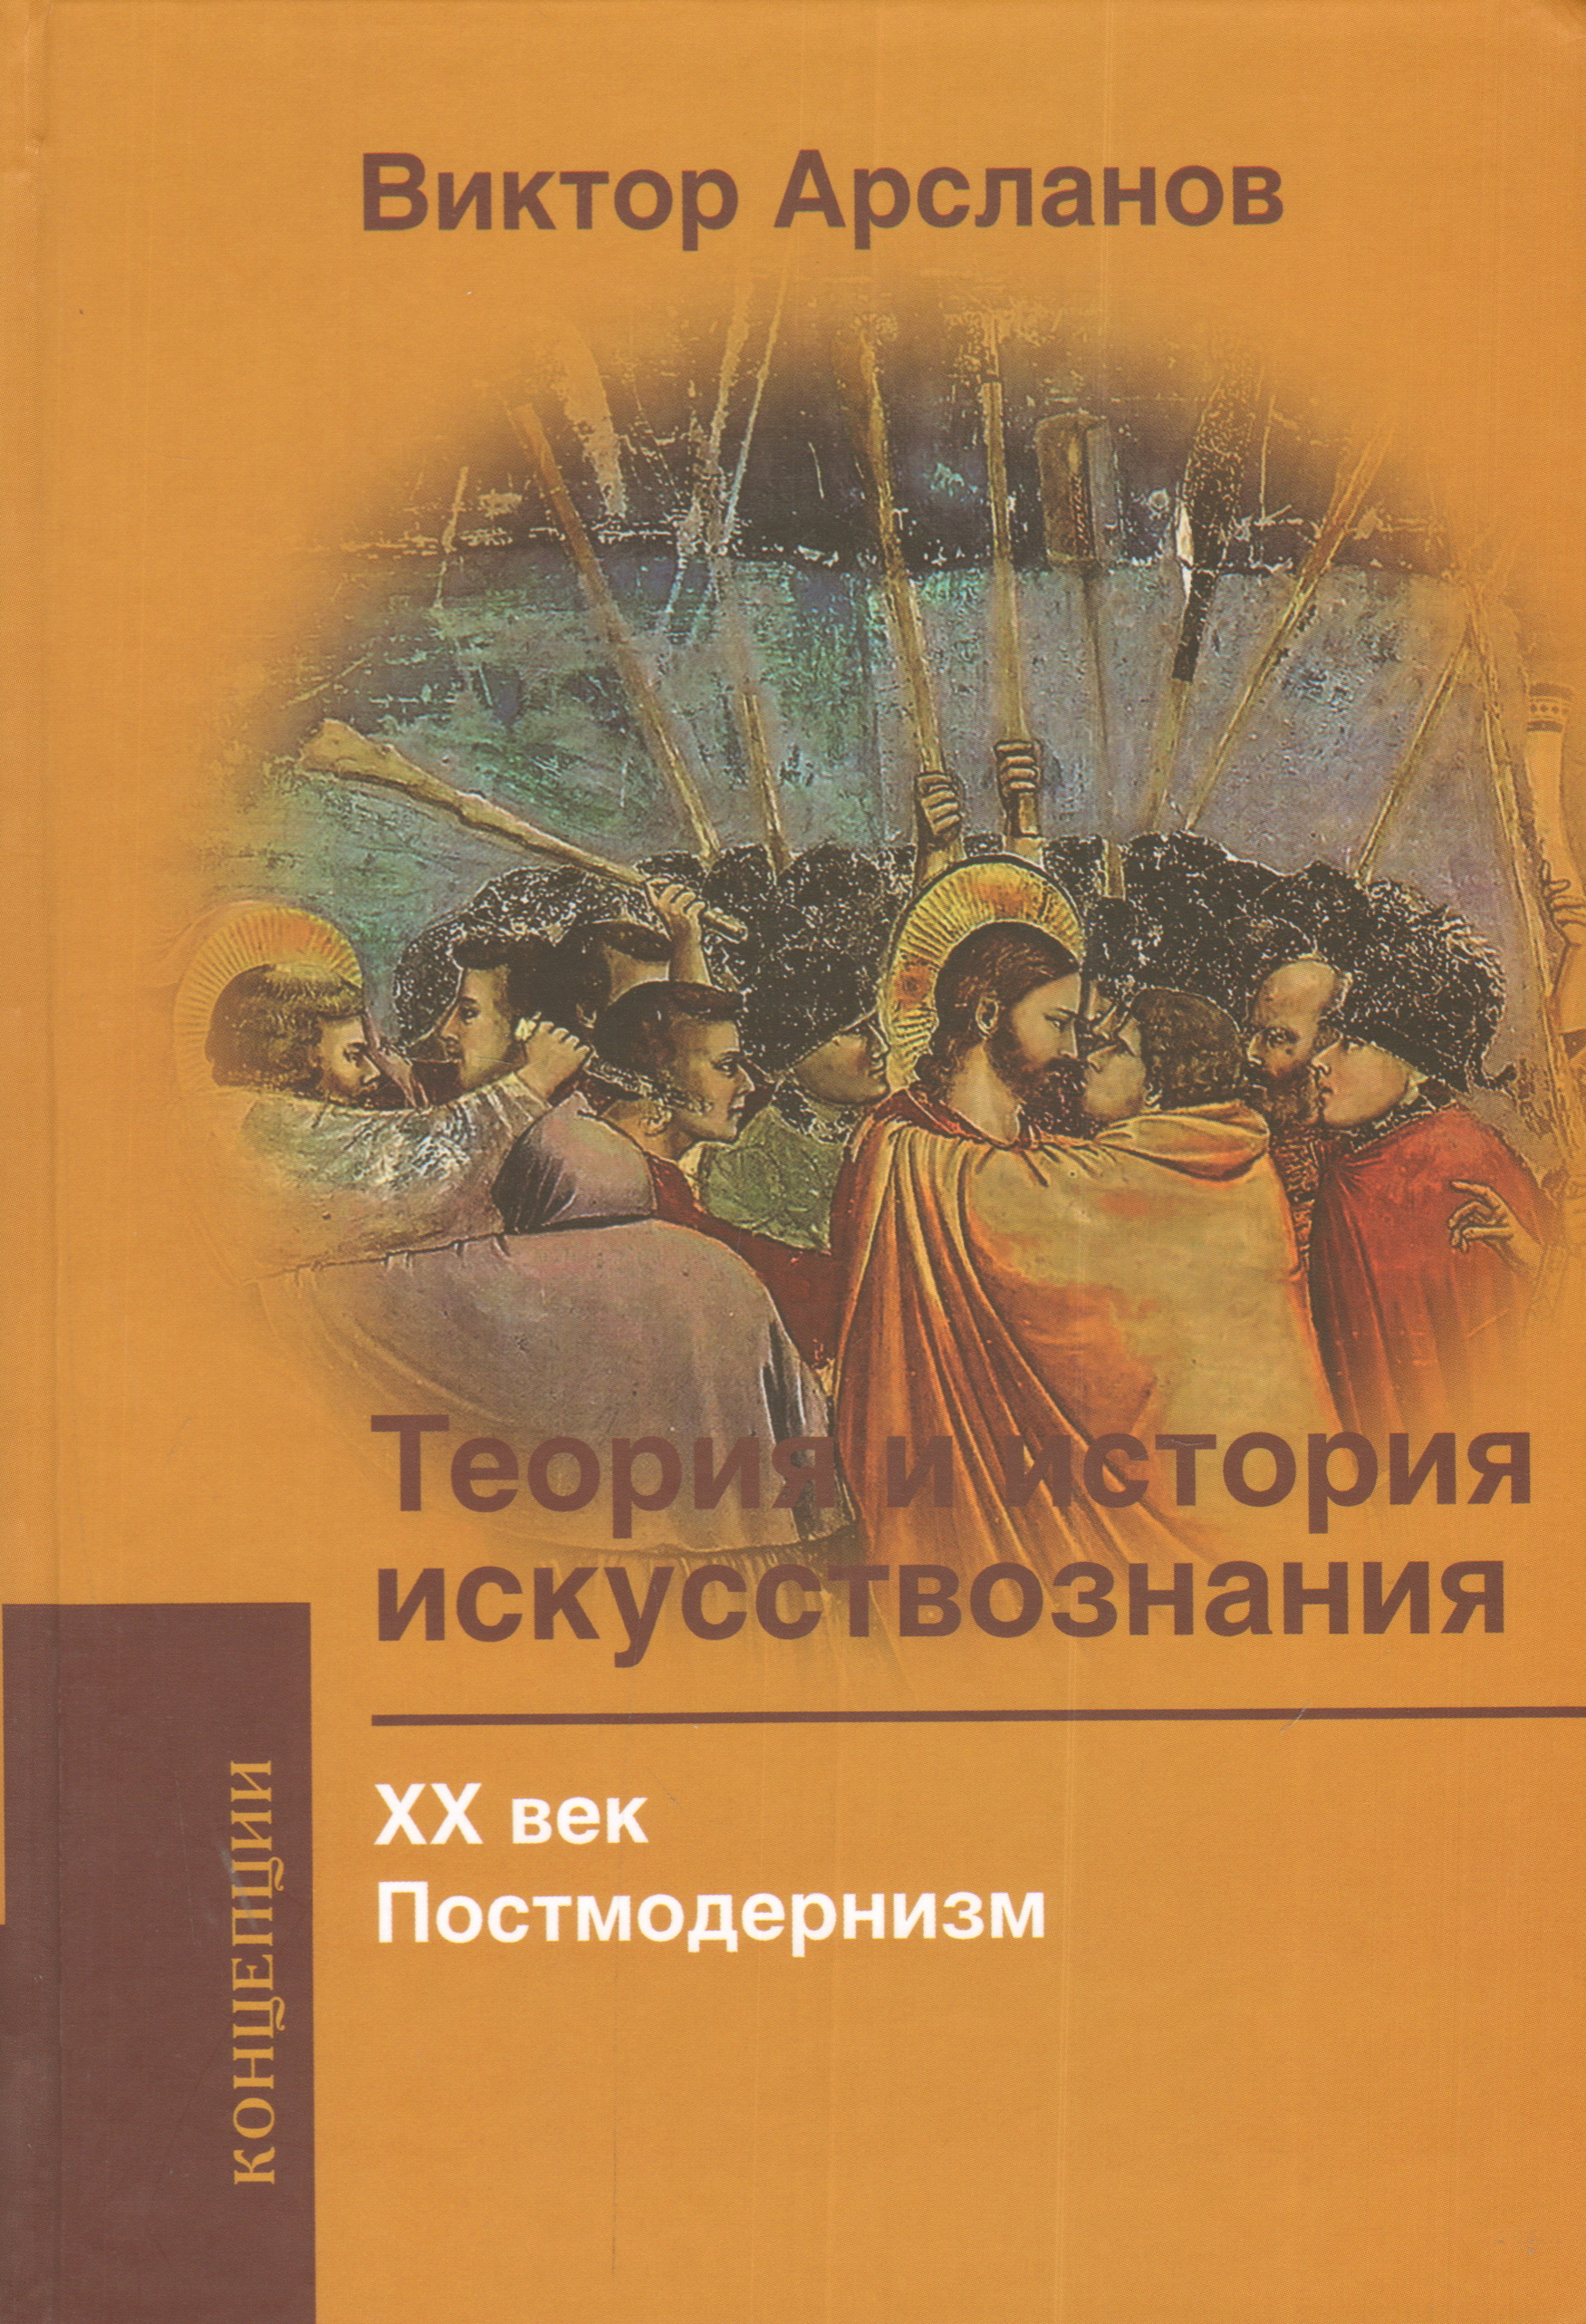 Теория и история искусствознания. ХХ век. Постмодернизм: Учебное пособие. Академический  проект